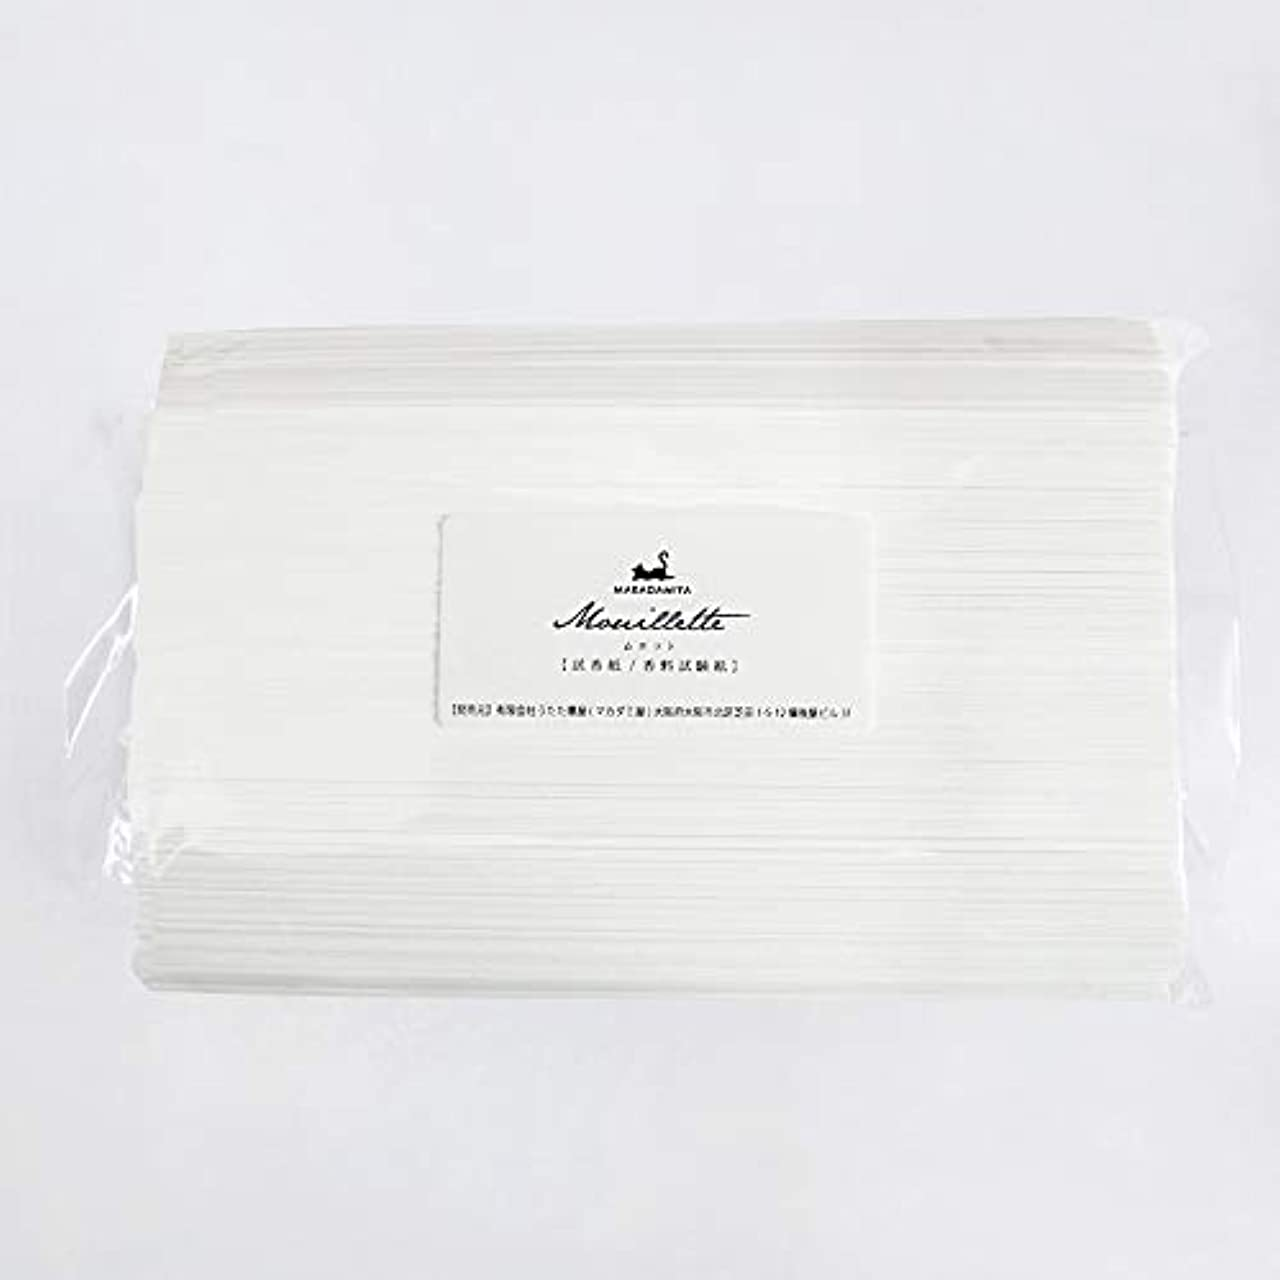 極めて重要な意外ドライバムエット500本入り 大容量 プロ用(アロマ検定試験対応 試香紙 香料試験紙) マカダミ屋